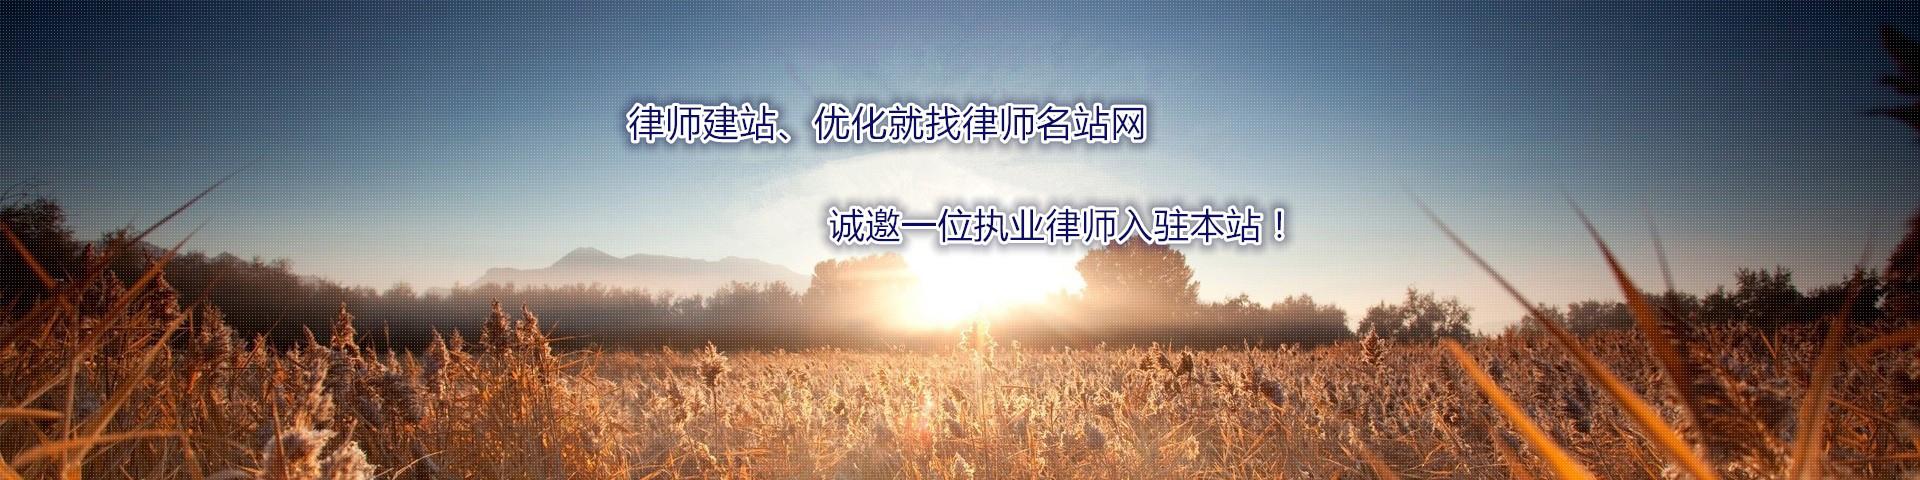 南京离婚律师大图二